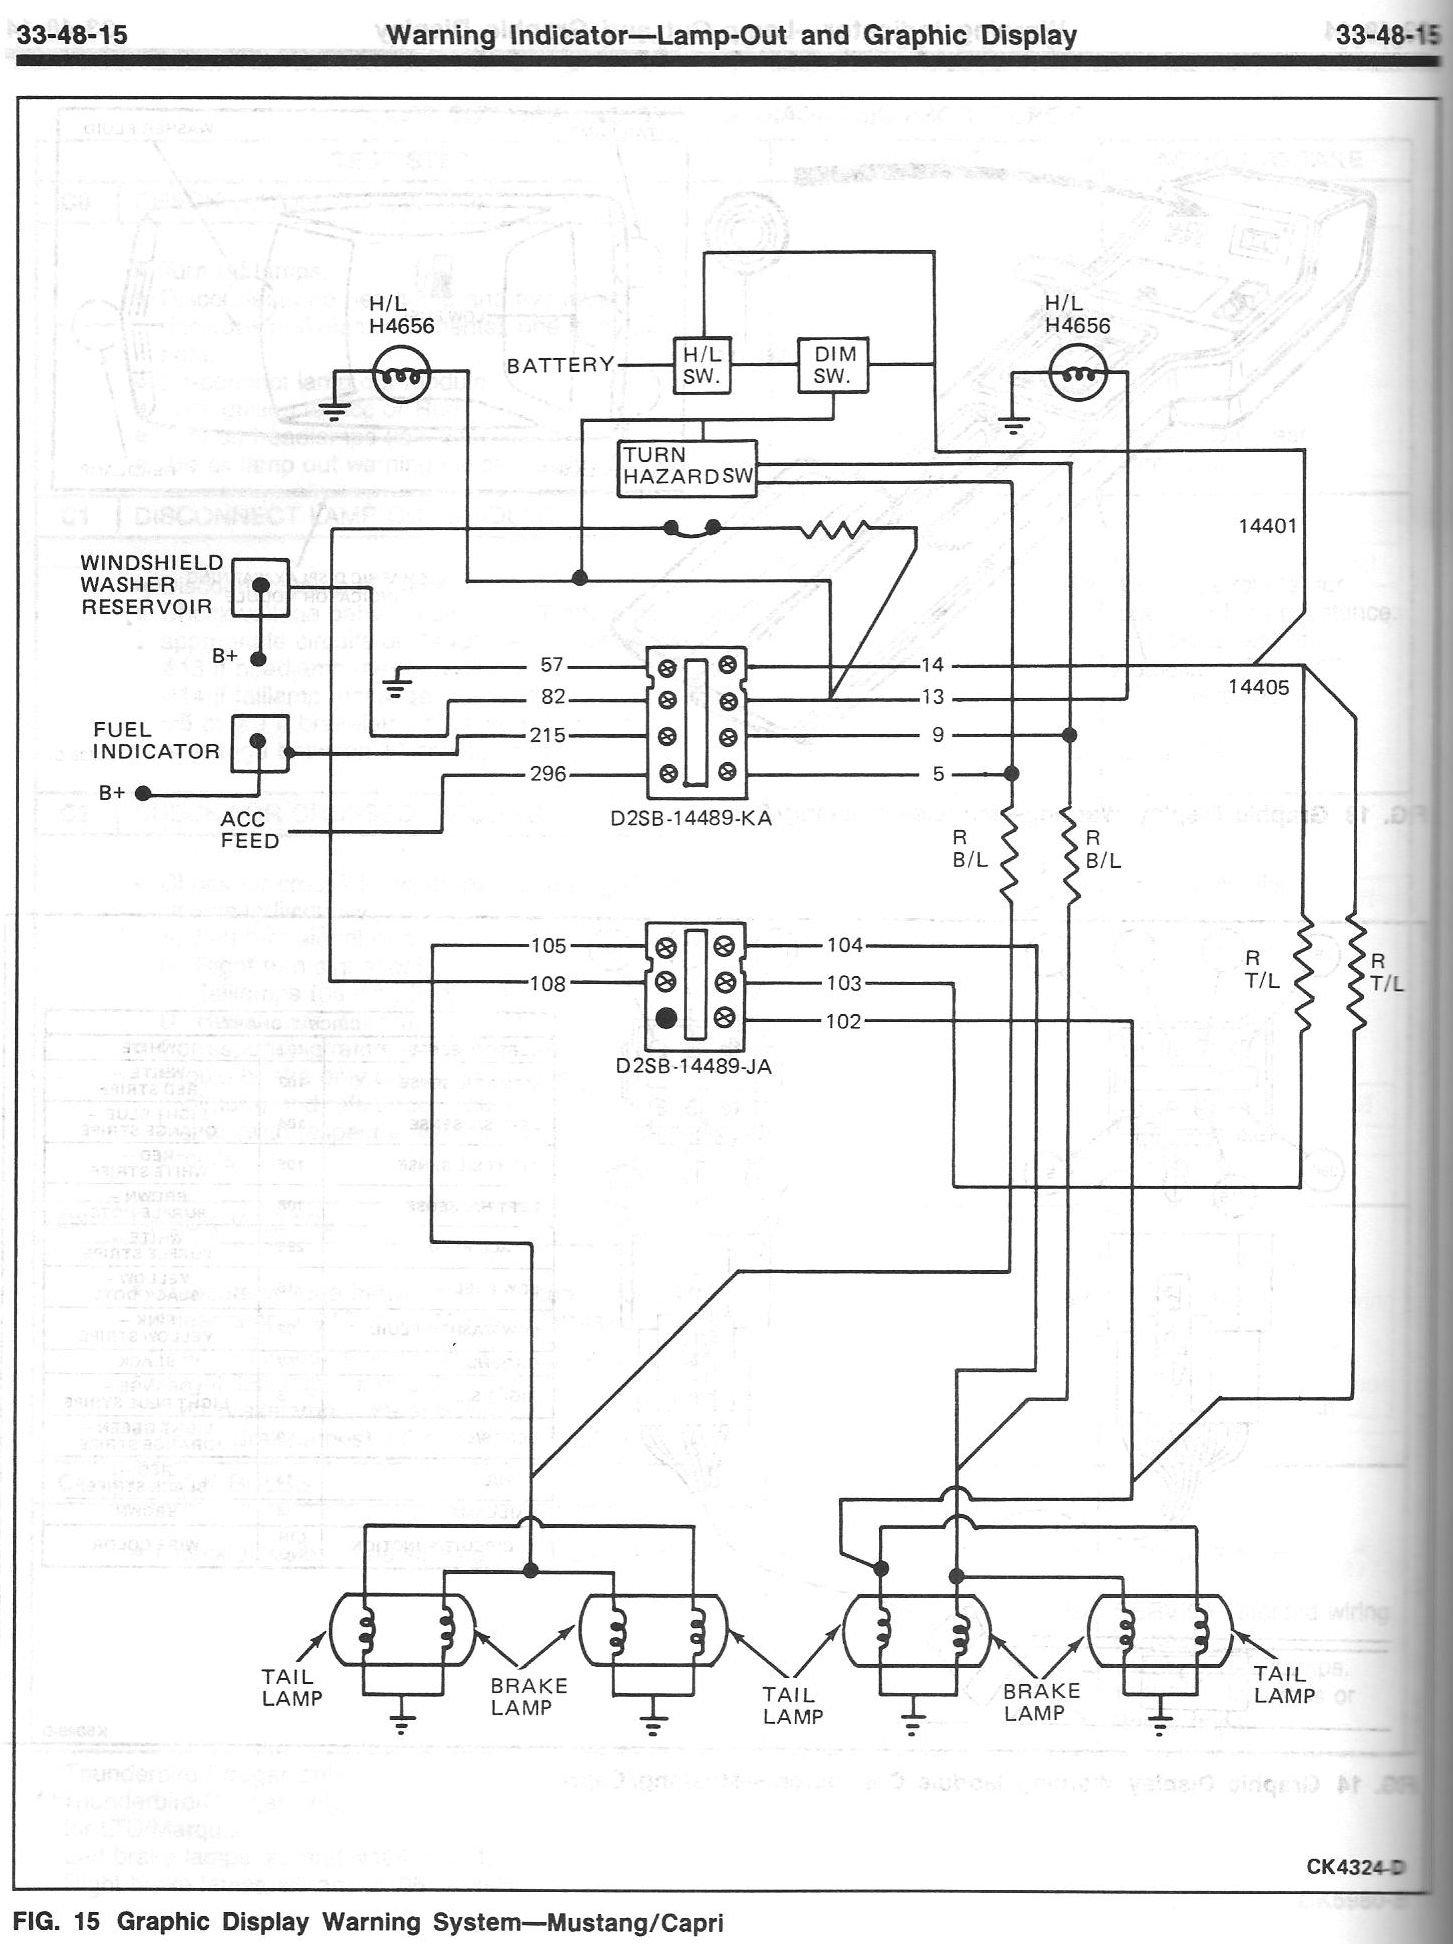 Fig 2 Wiring Diagram 1979 Mustang And Capri - Diagram Design Sources  series-peace - series-peace.nius-icbosa.itdiagram database - nius-icbosa.it